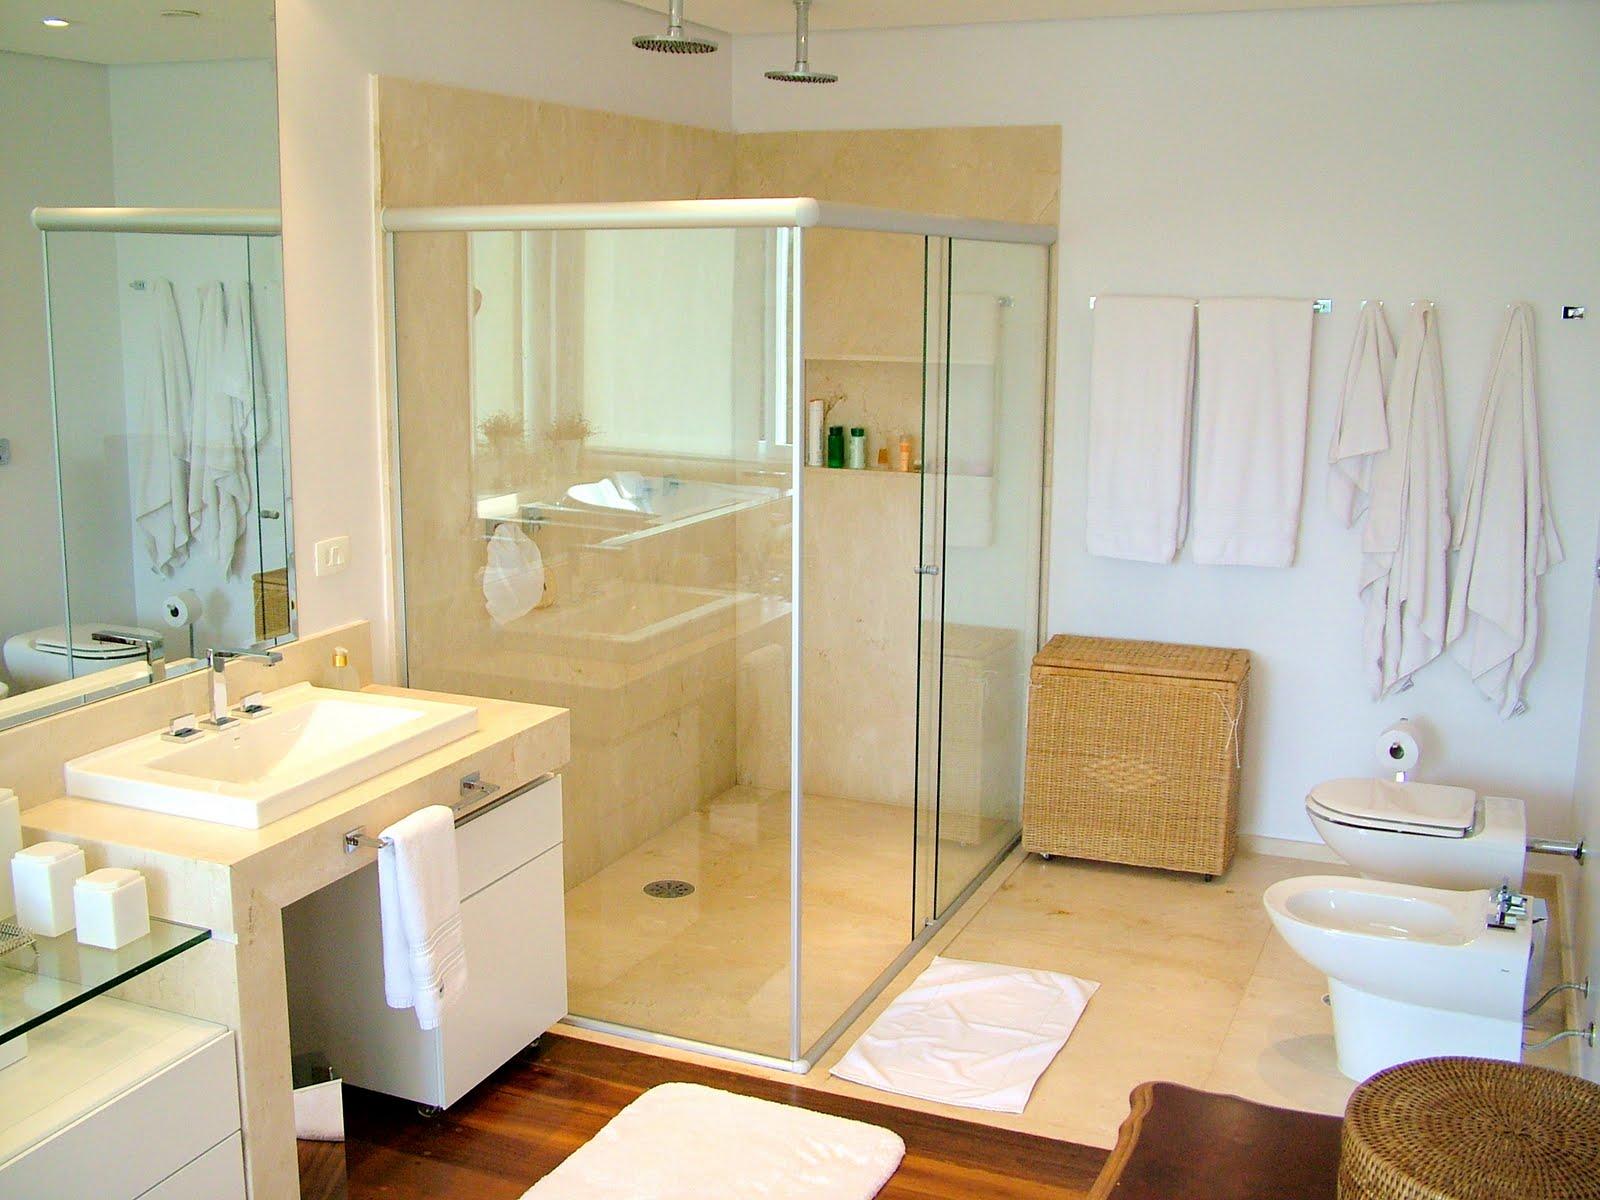 Imagens de #71411F Modelos de box para banheiro Decorando Casas 1600x1200 px 3198 Box Acrilico Para Banheiro Sao Jose Dos Campos